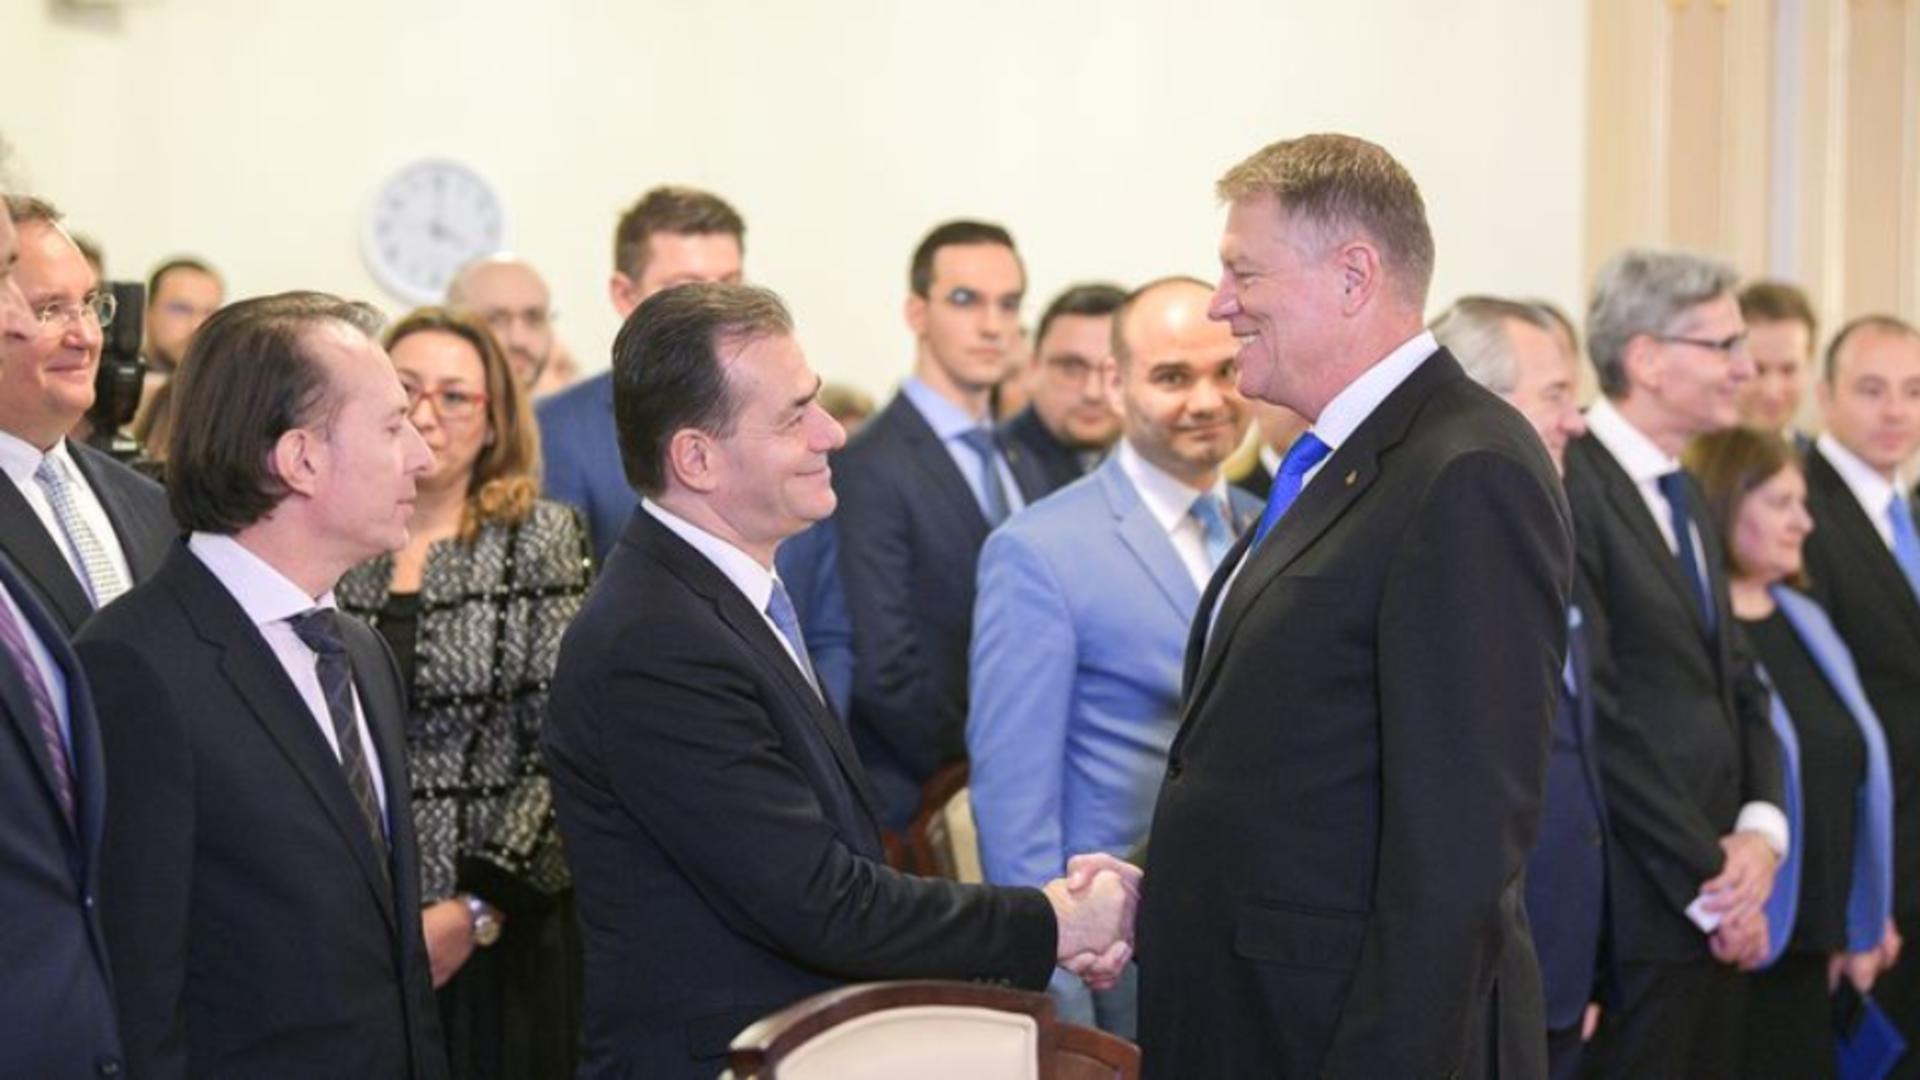 Florin Cîțu, Ludovic Orban și Klaus Iohannis